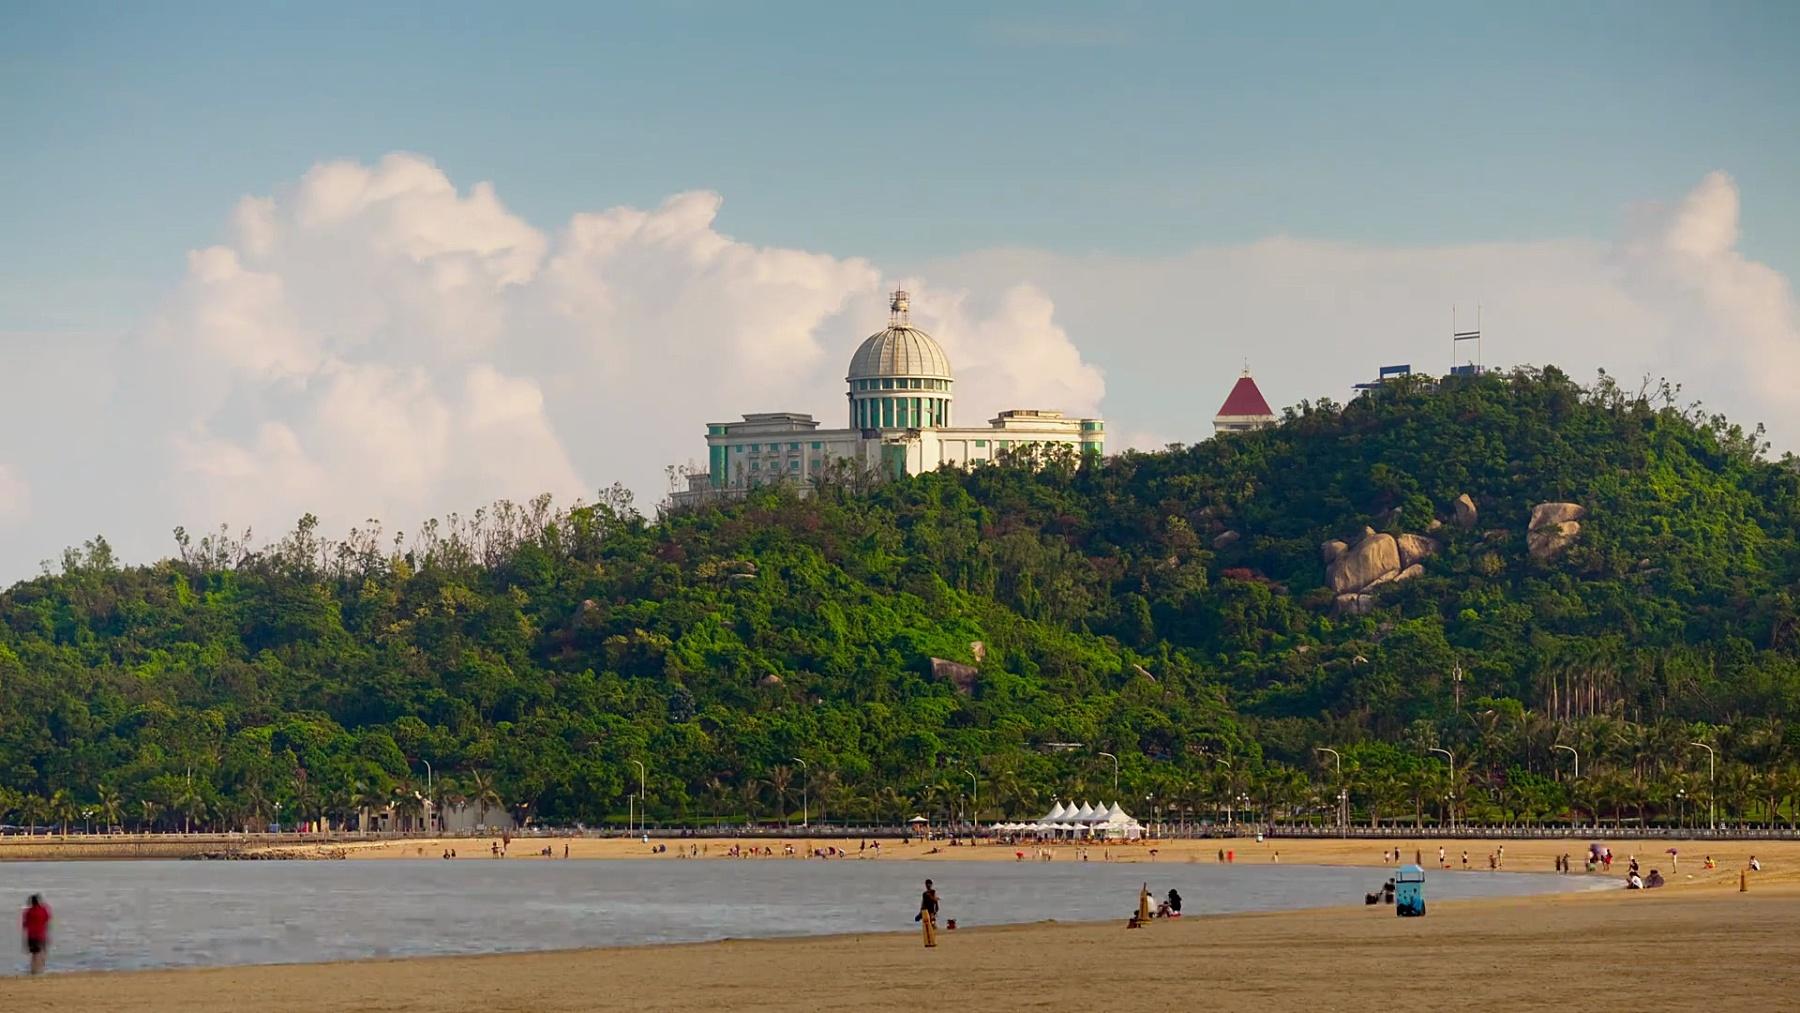 晴天珠海市海滨曼哈顿酒店公园顶全景 时光流逝中国